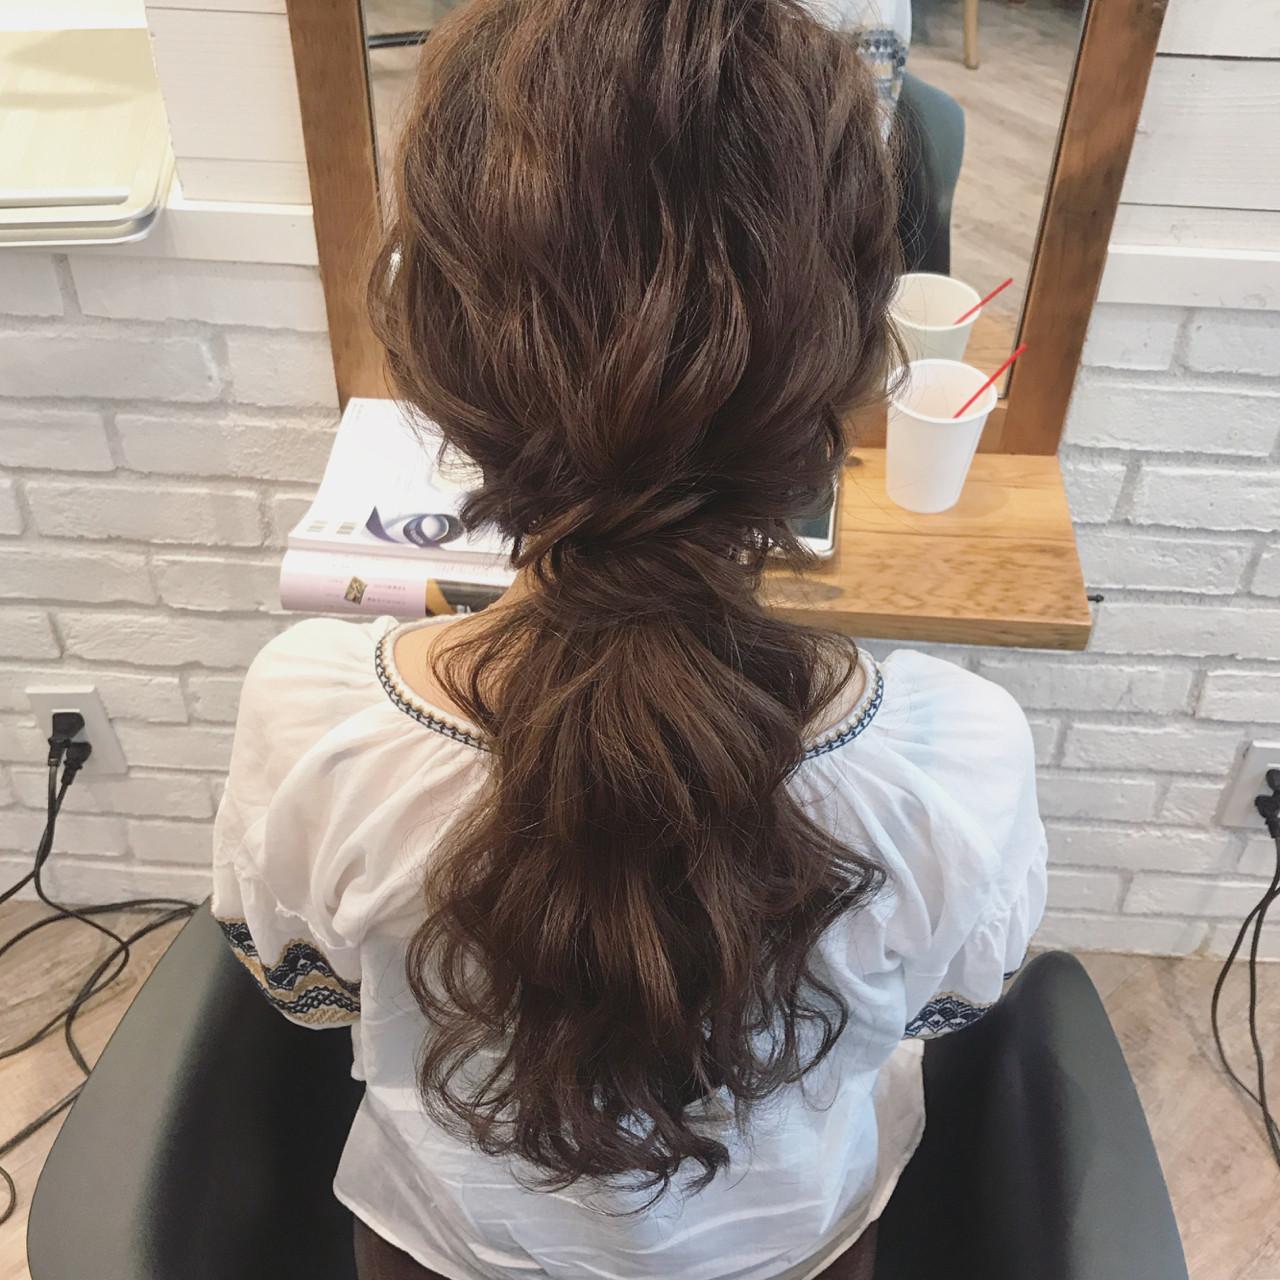 ナチュラル 結婚式 リラックス ウェーブ ヘアスタイルや髪型の写真・画像 | Kaneko Mayumi / BOTTOMS